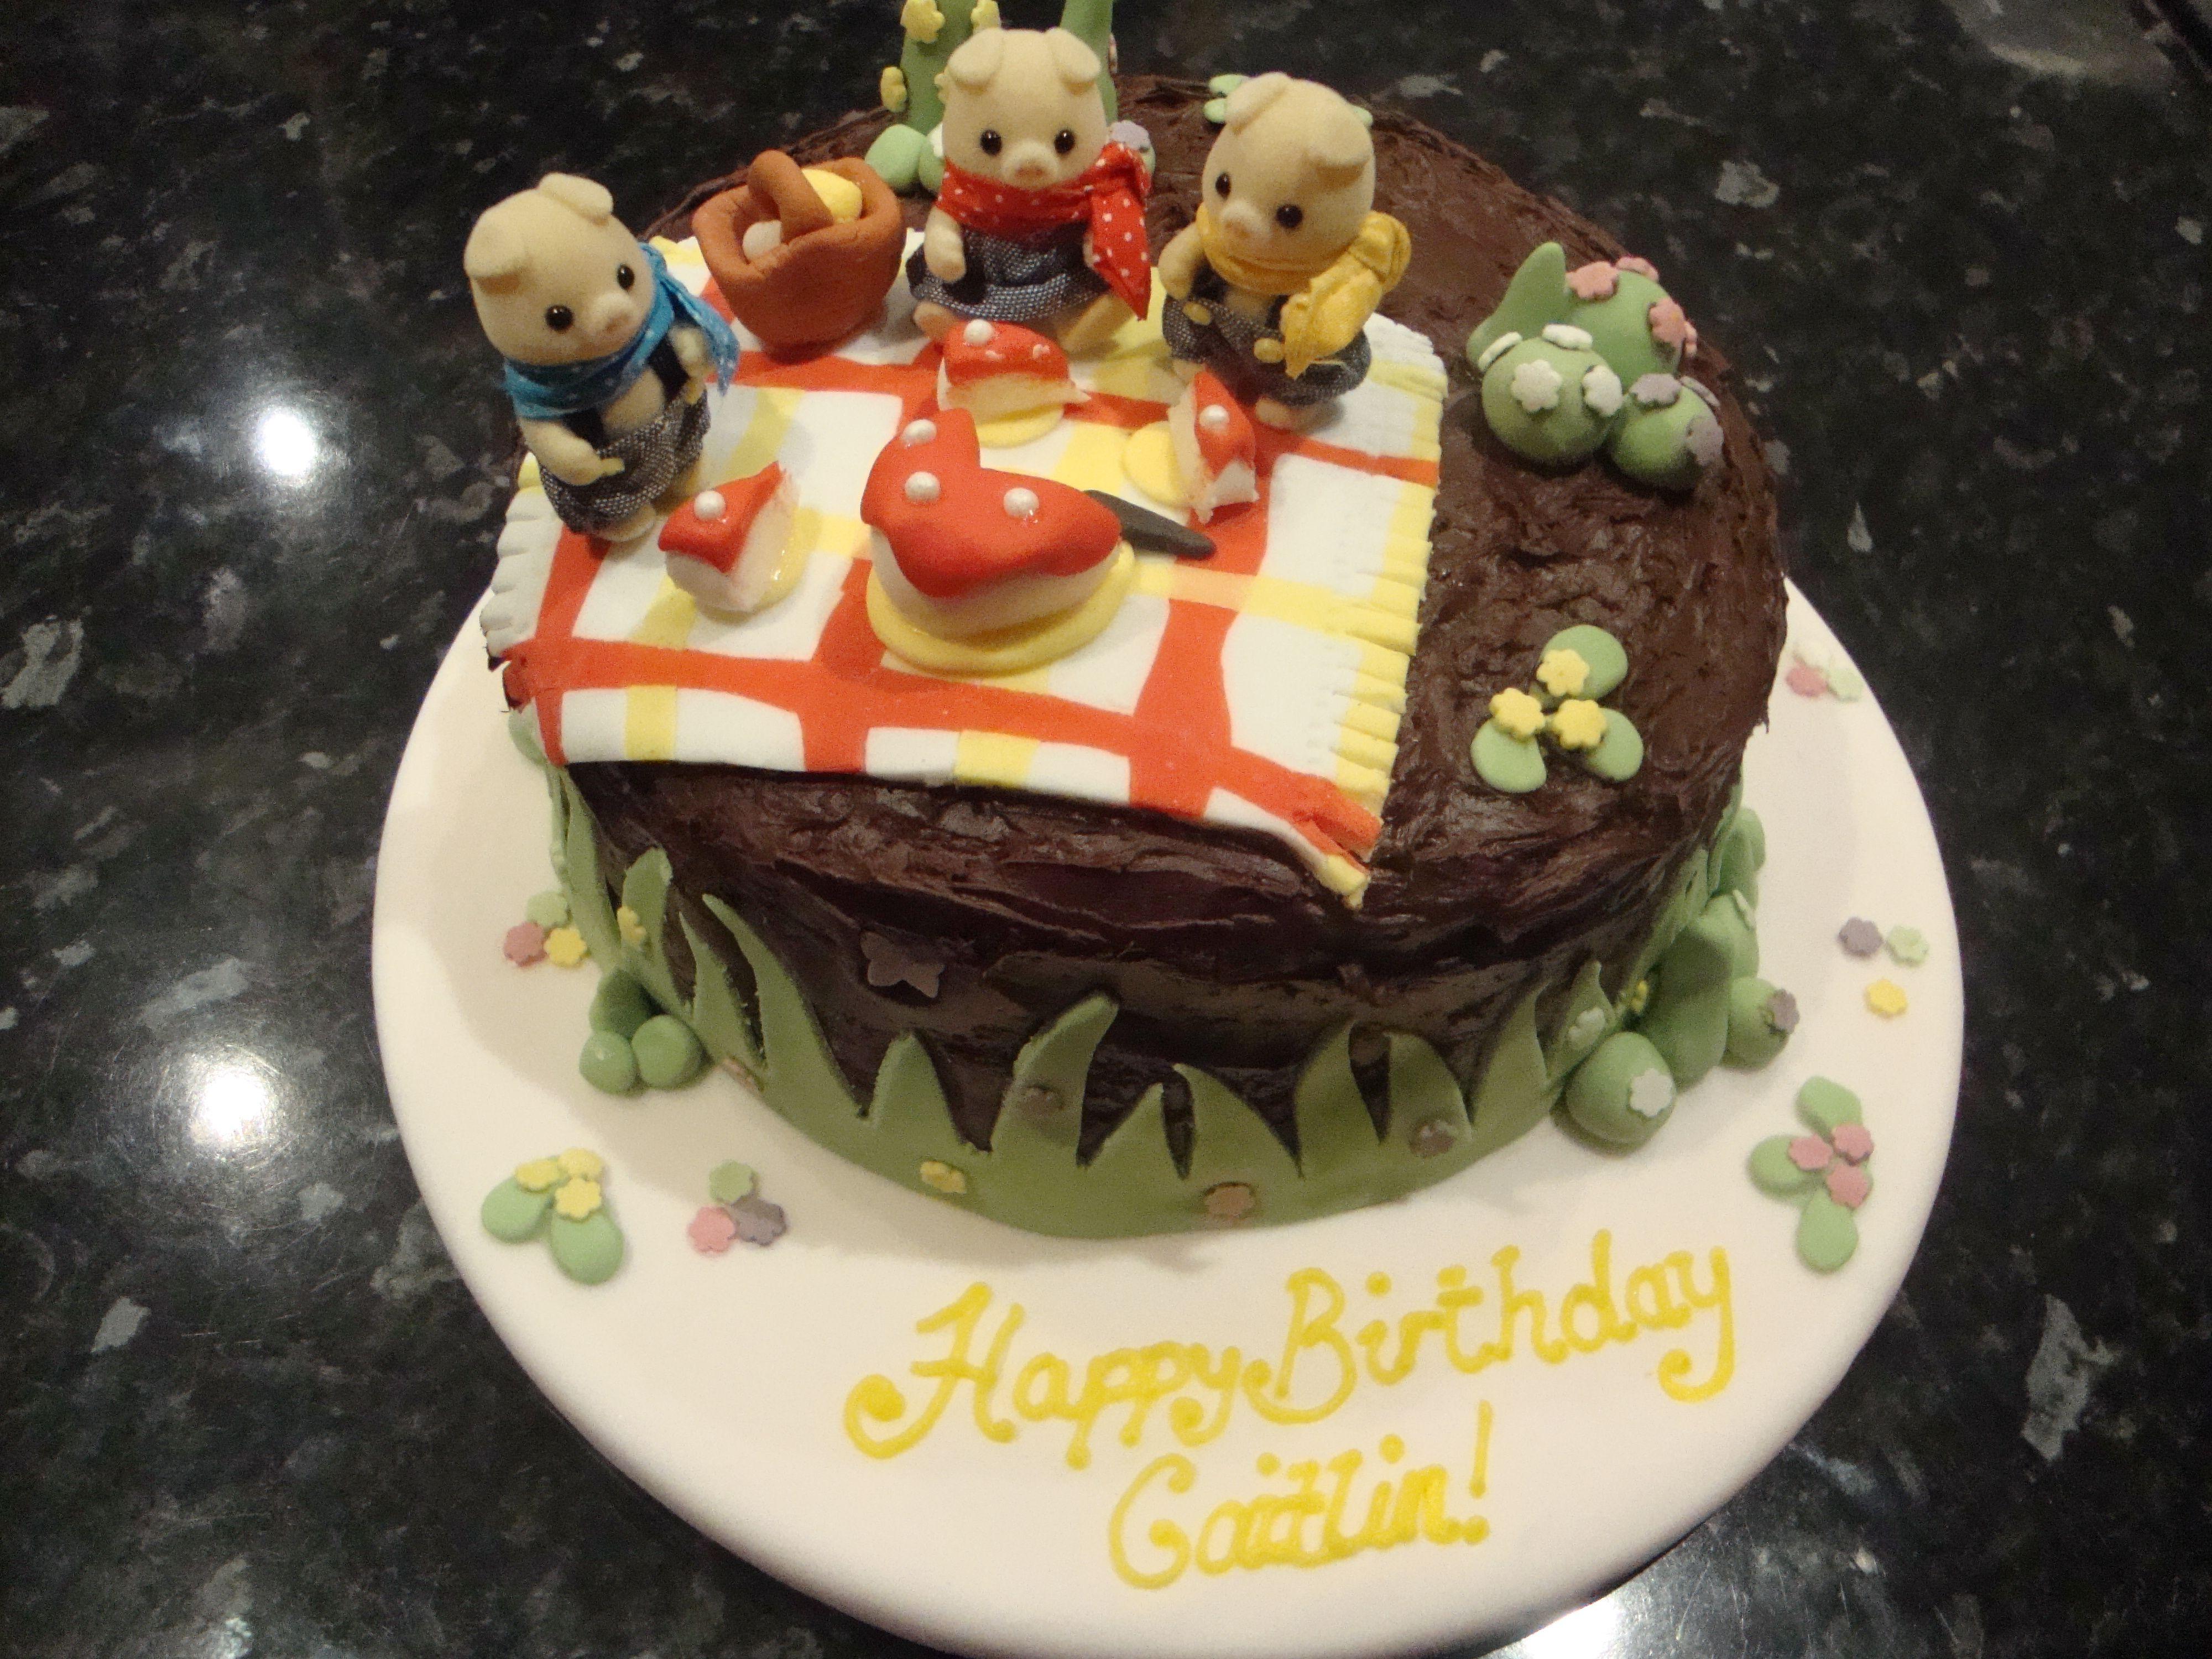 Cake Decorating Figures : sylvanian families picnic - sylvanian family picnic 1st ...